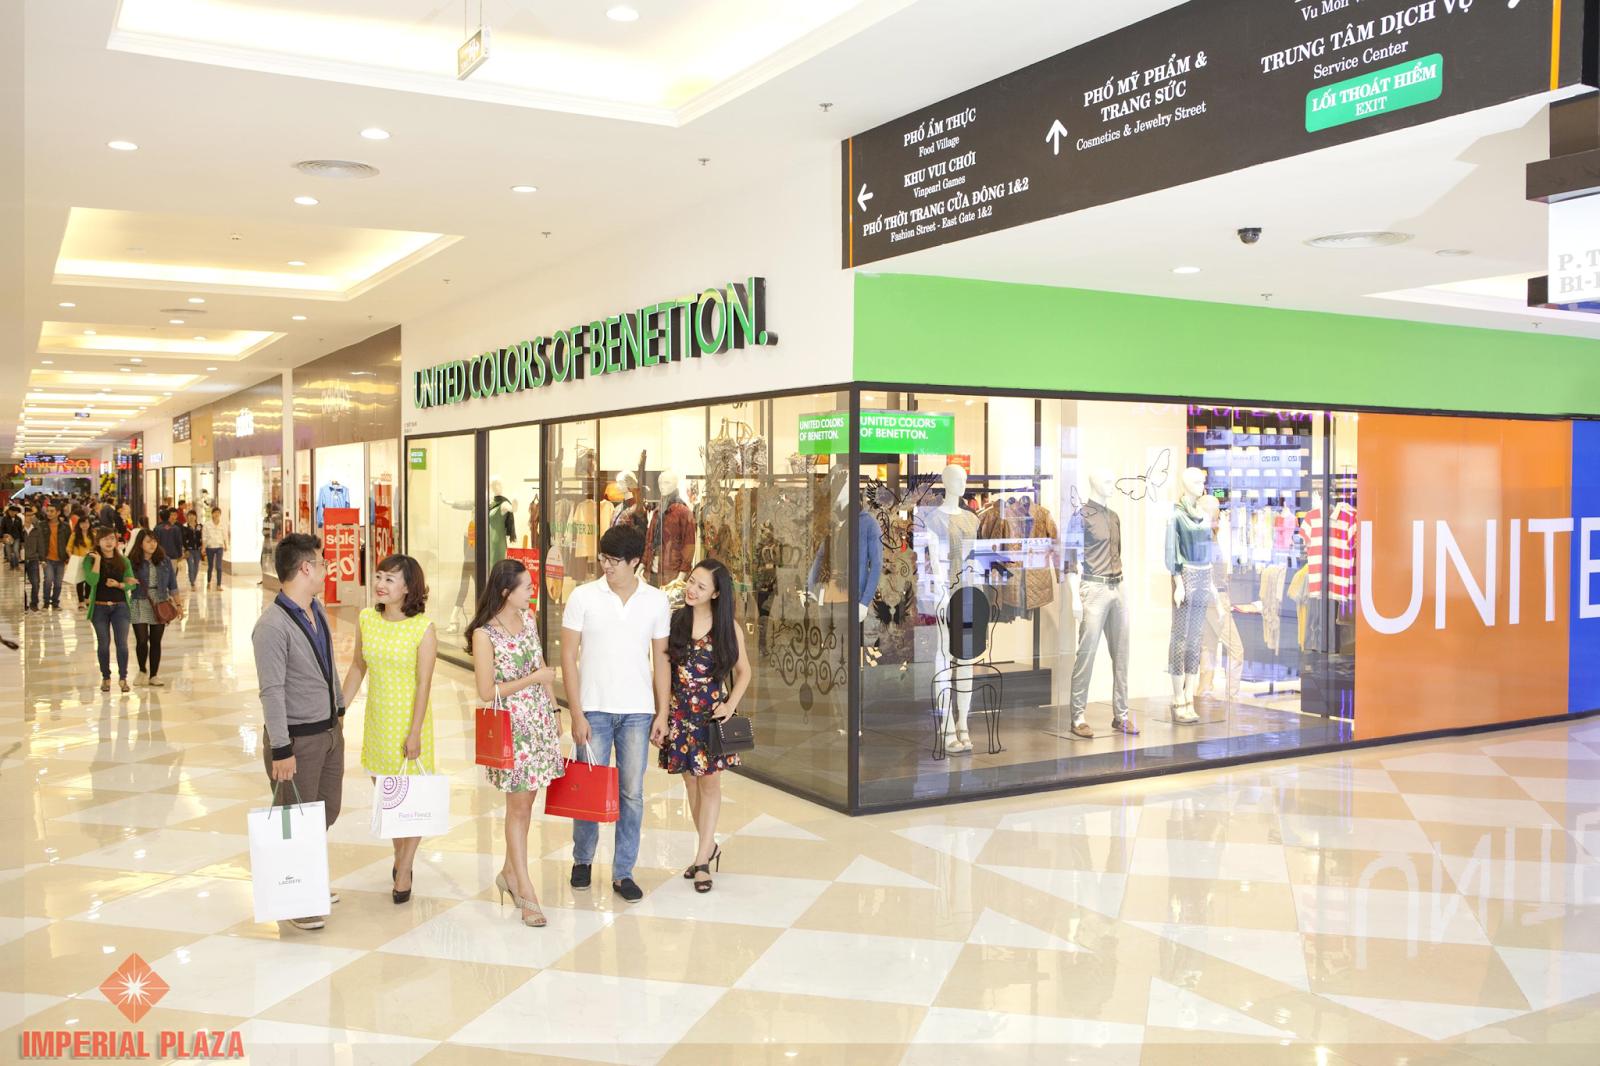 Trung tâm thương mại trong tưởng tượng và thực tế